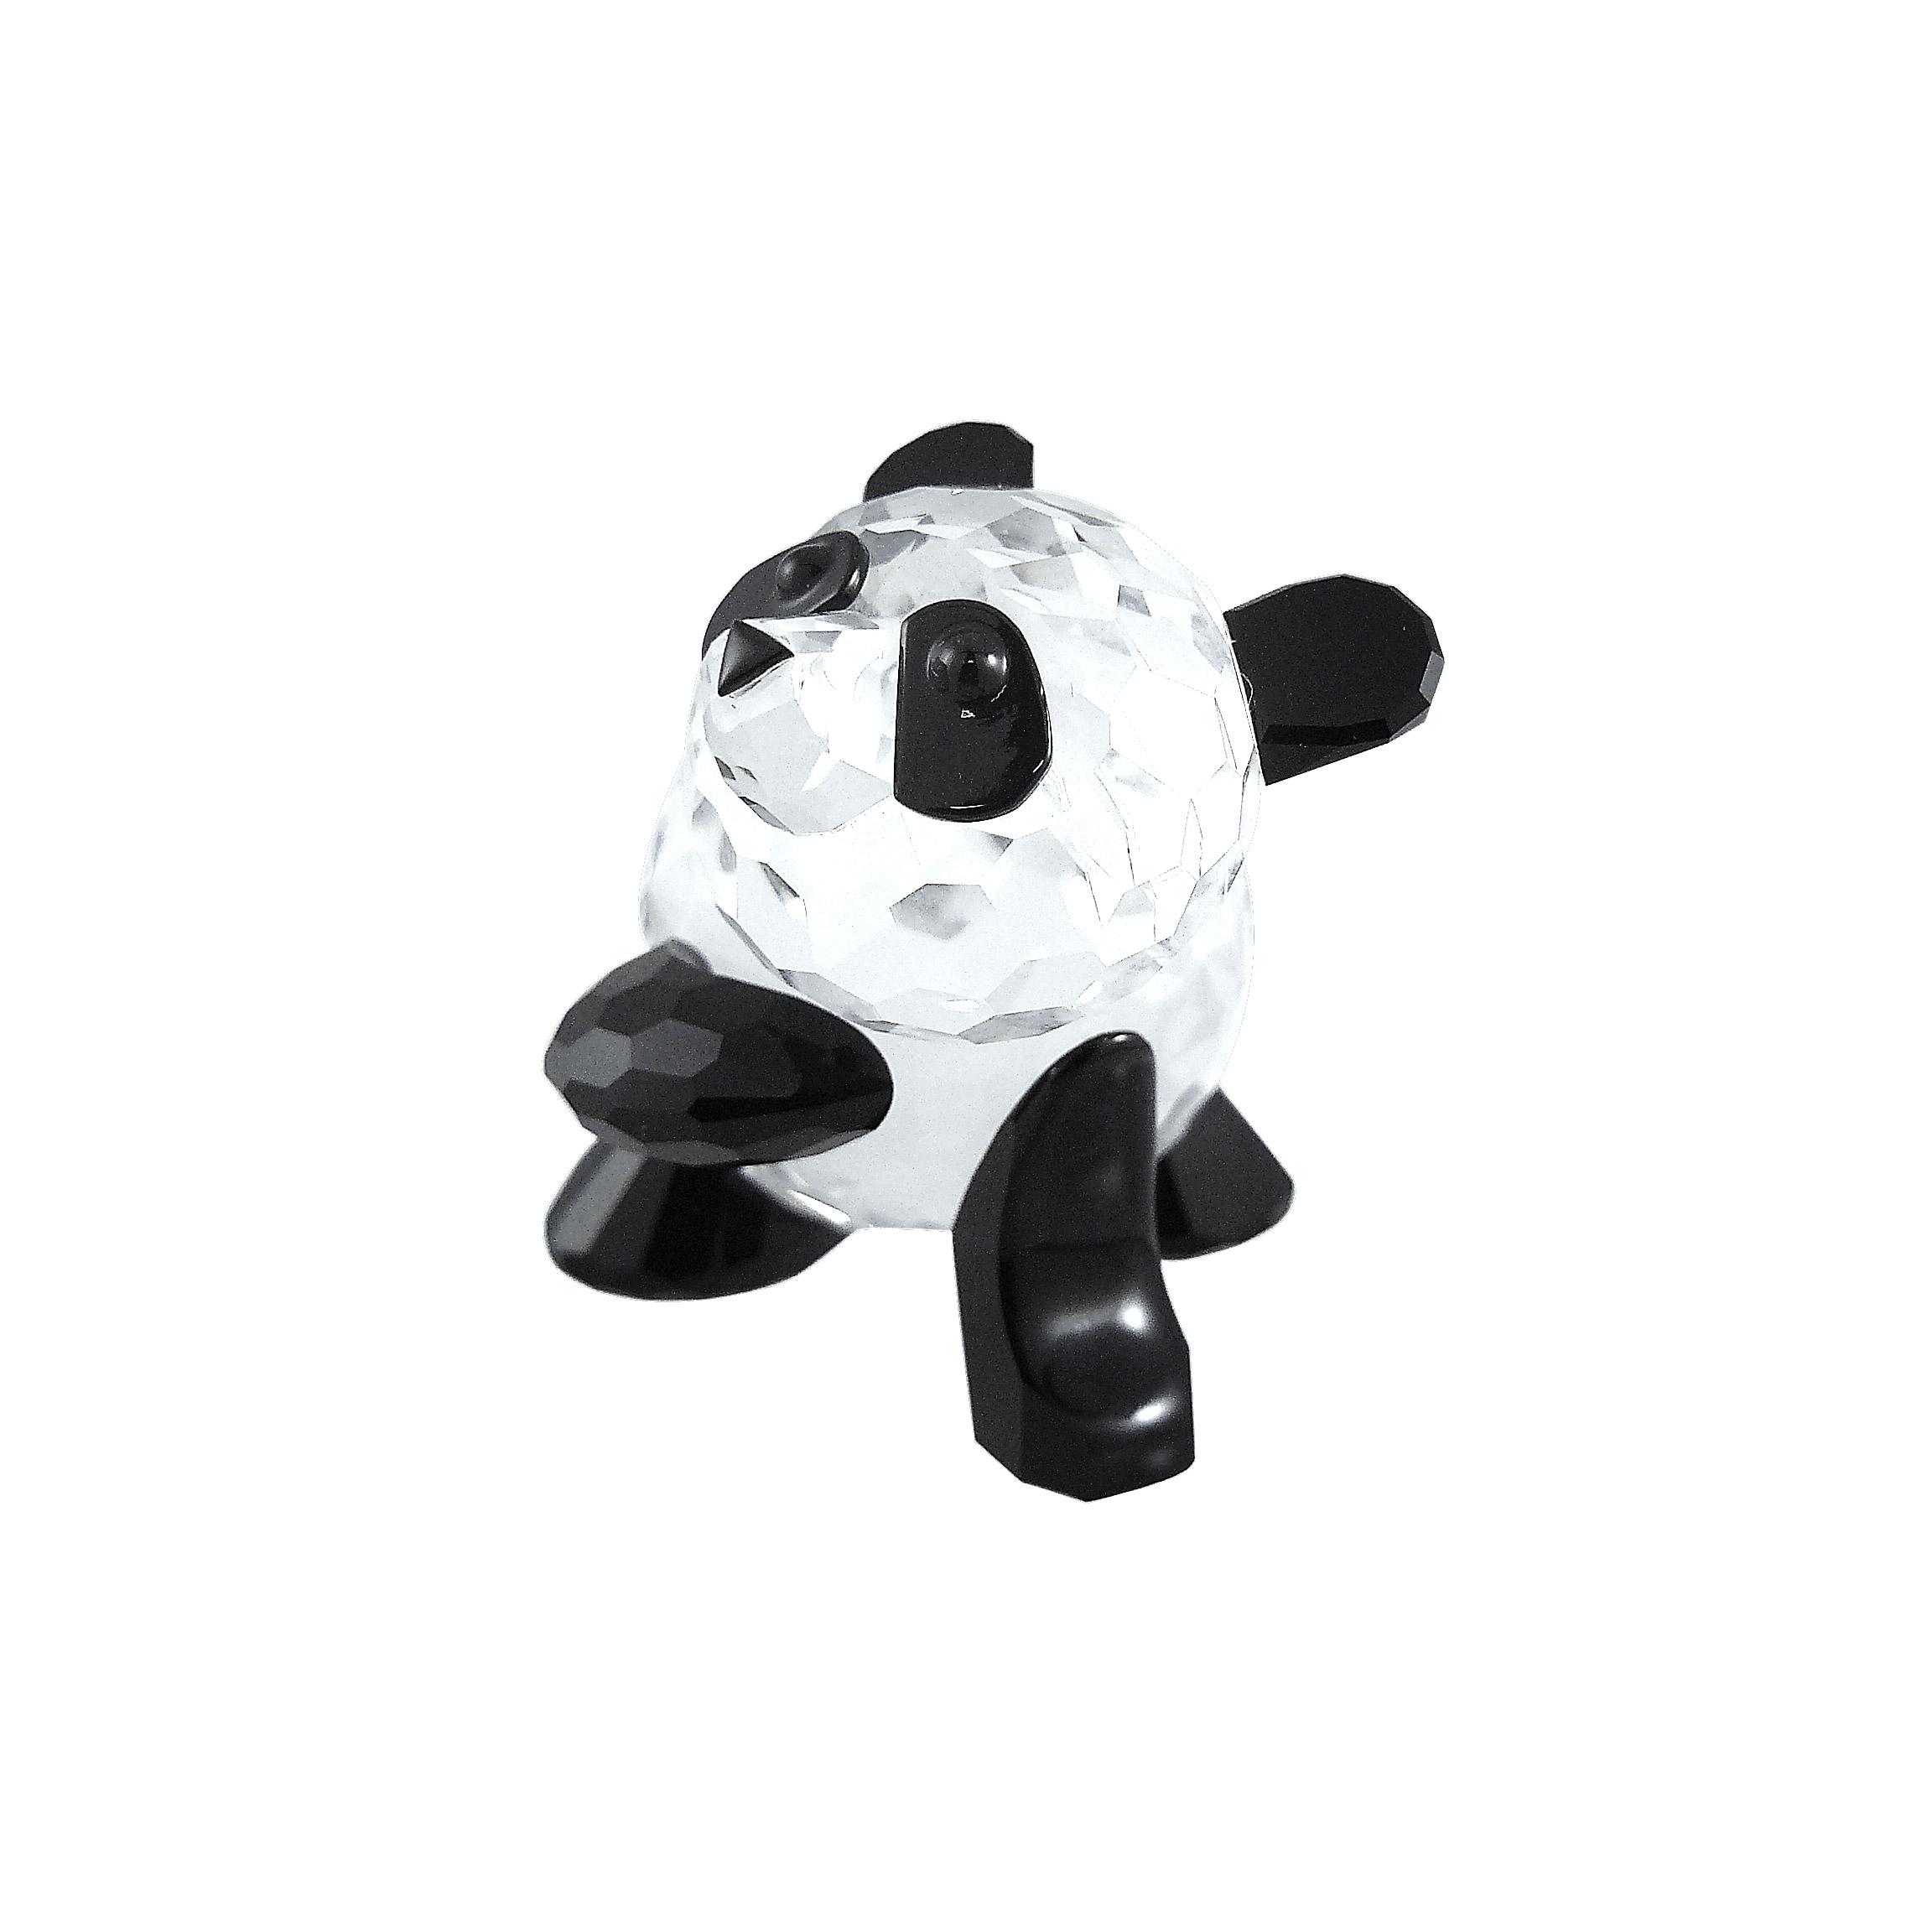 Swarovski Crystal Διακοσμητικό Αρκουδάκι